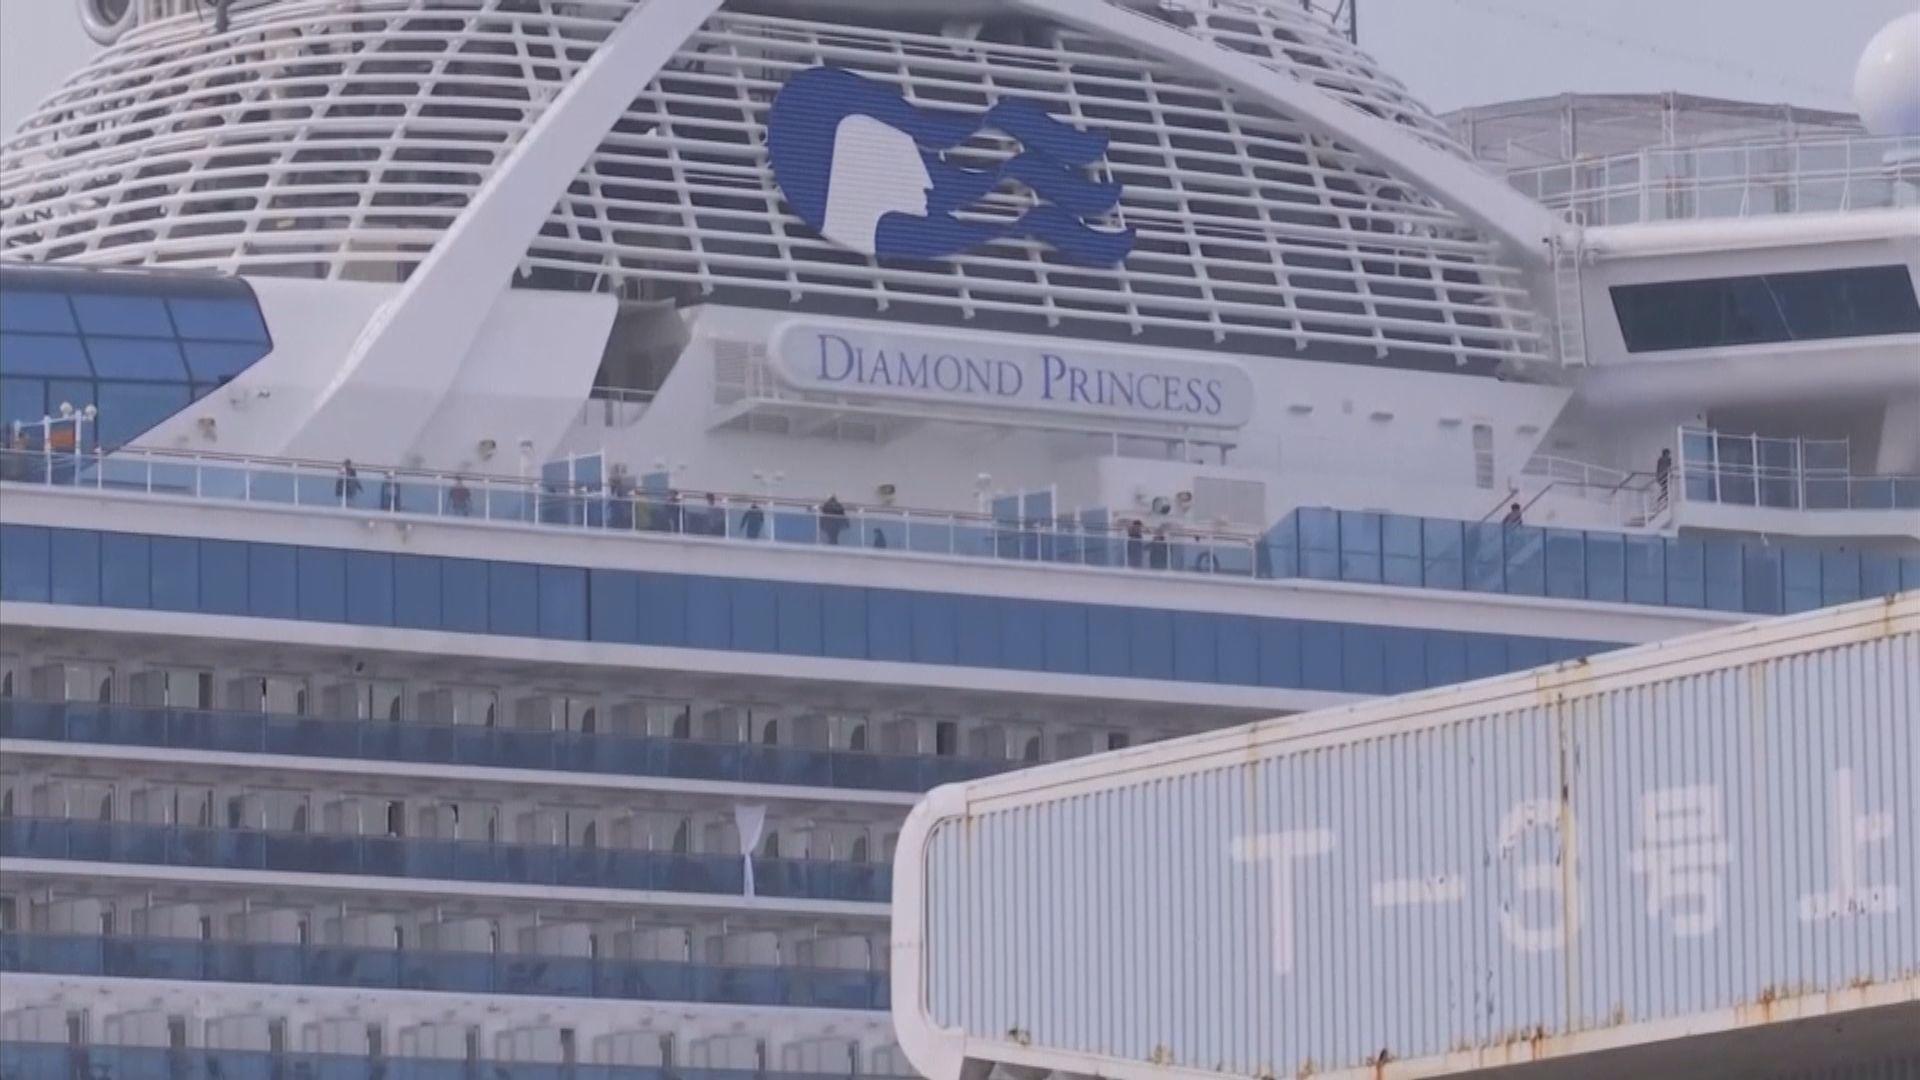 鑽石公主號再有67人確診 美國將派包機接船上公民